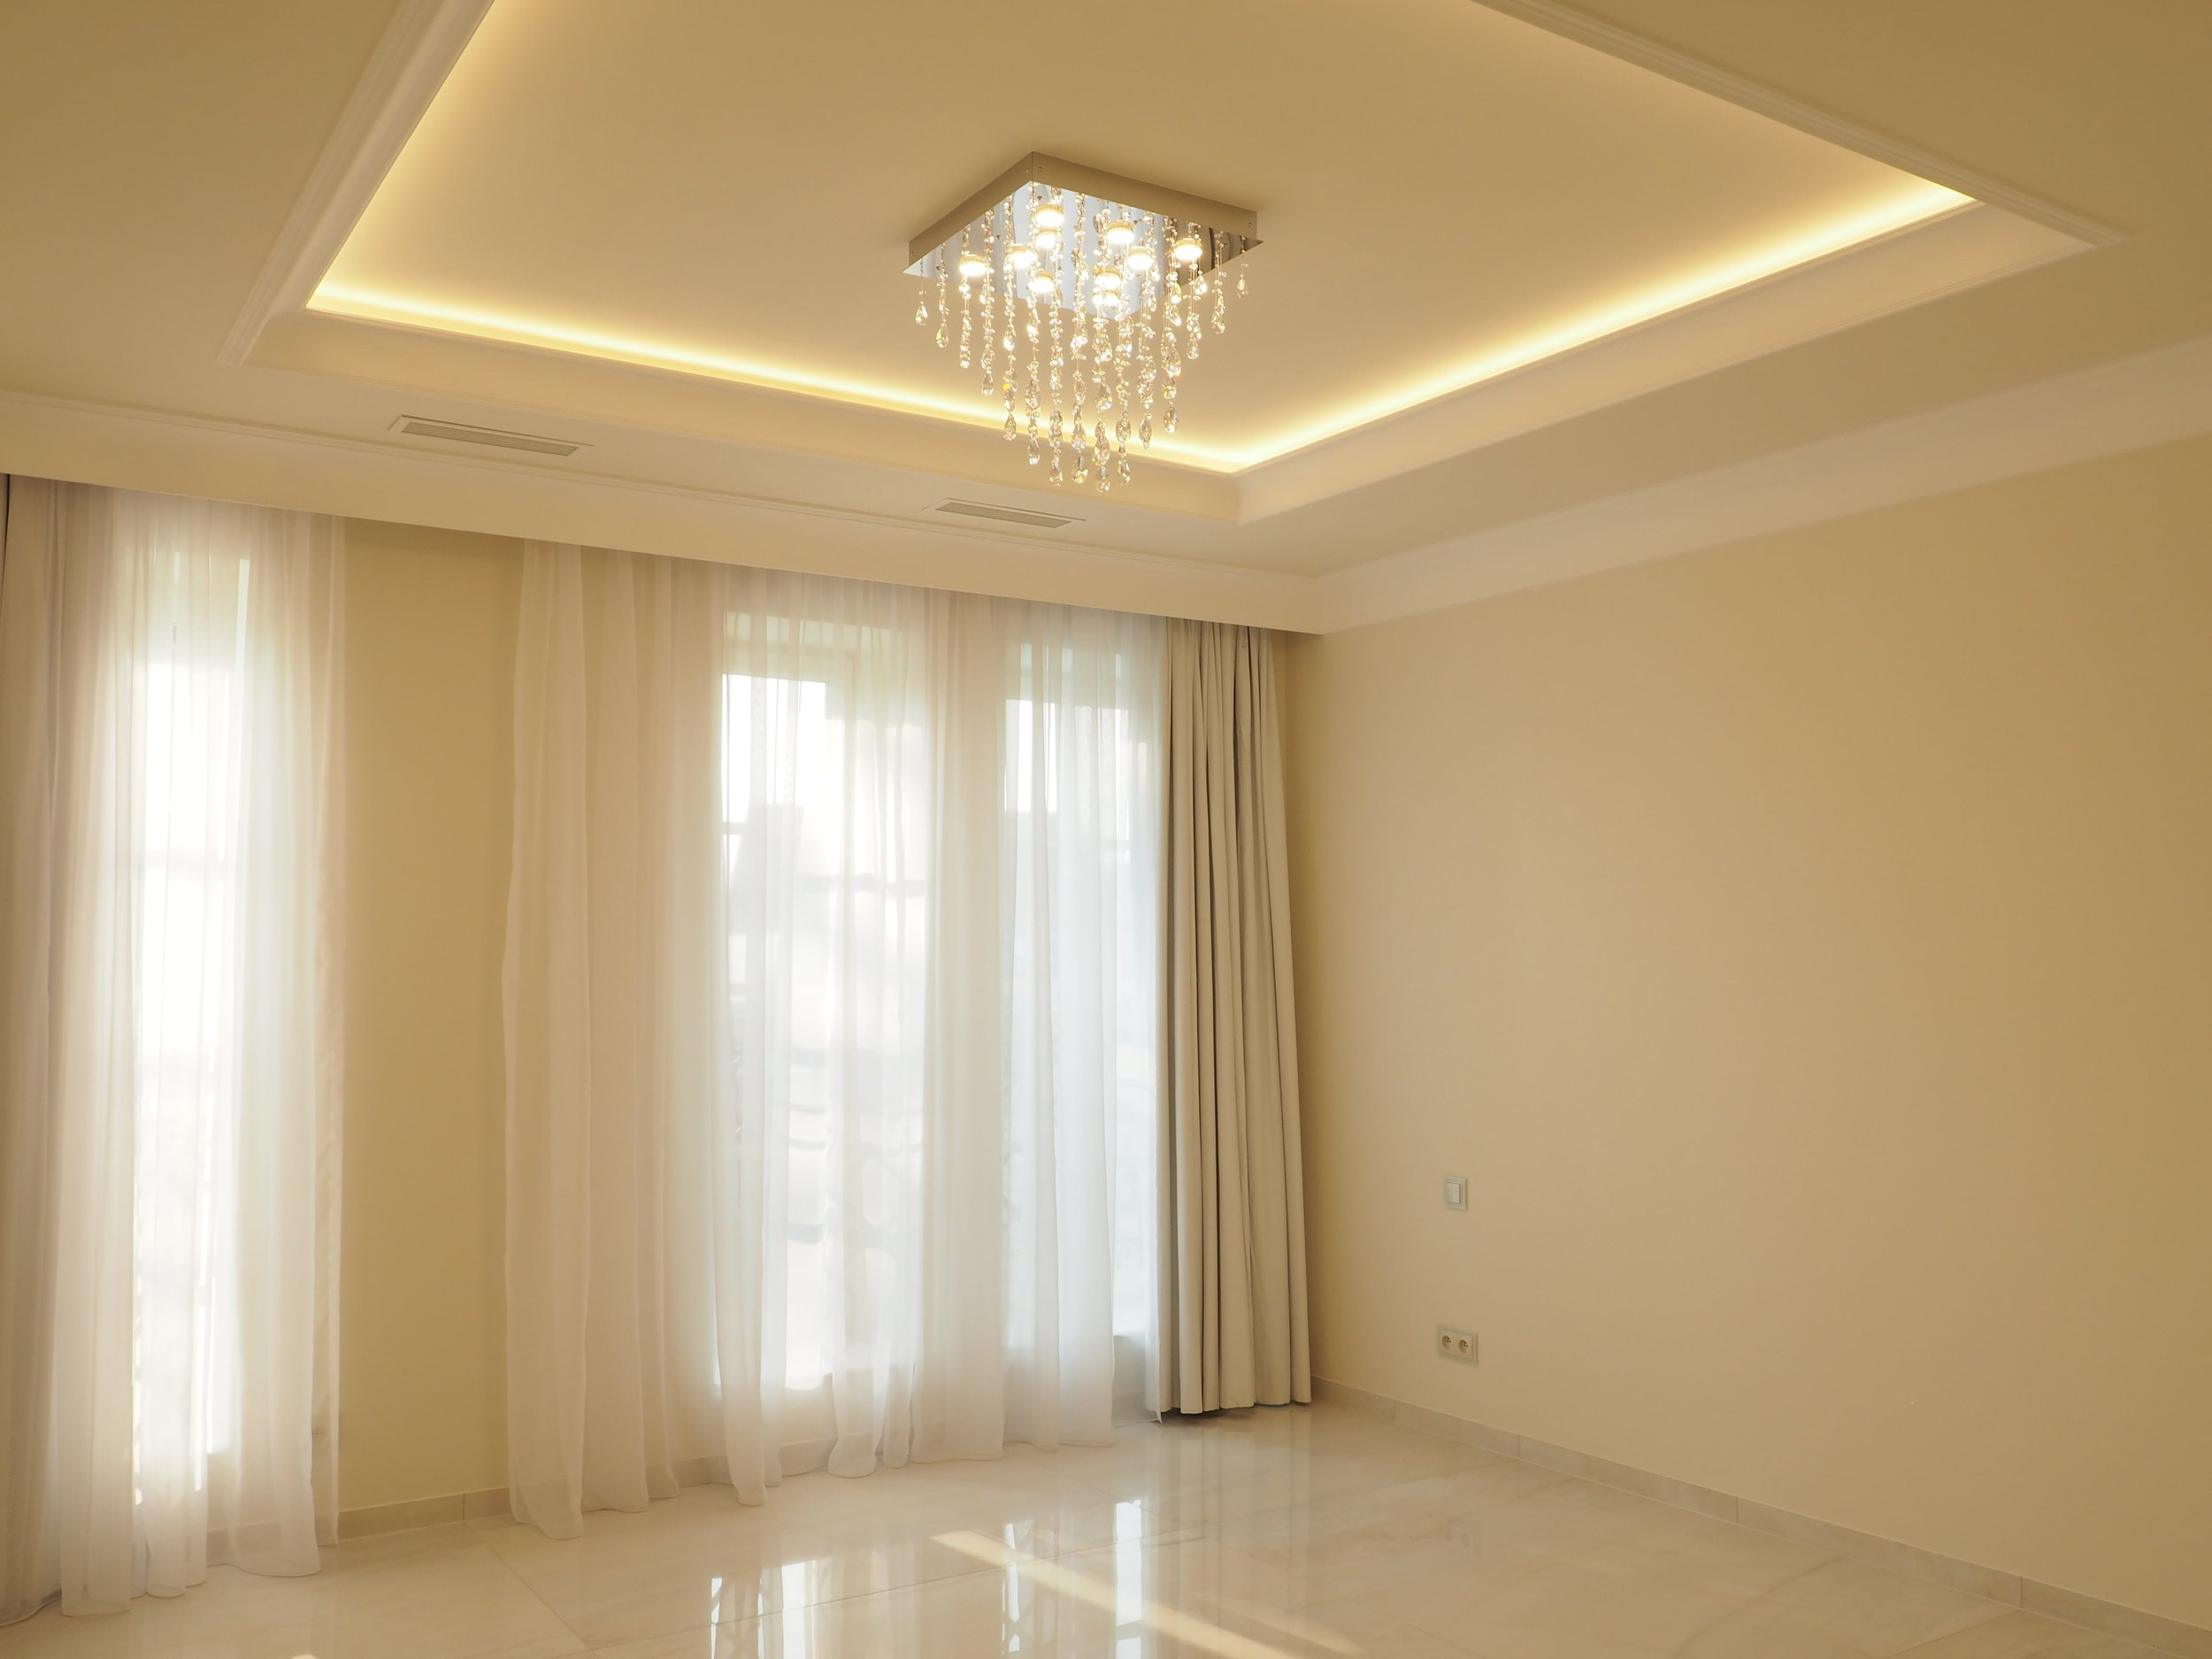 private-villa-prague-wranovsky-crystal-chandeliers-7-min.JPG